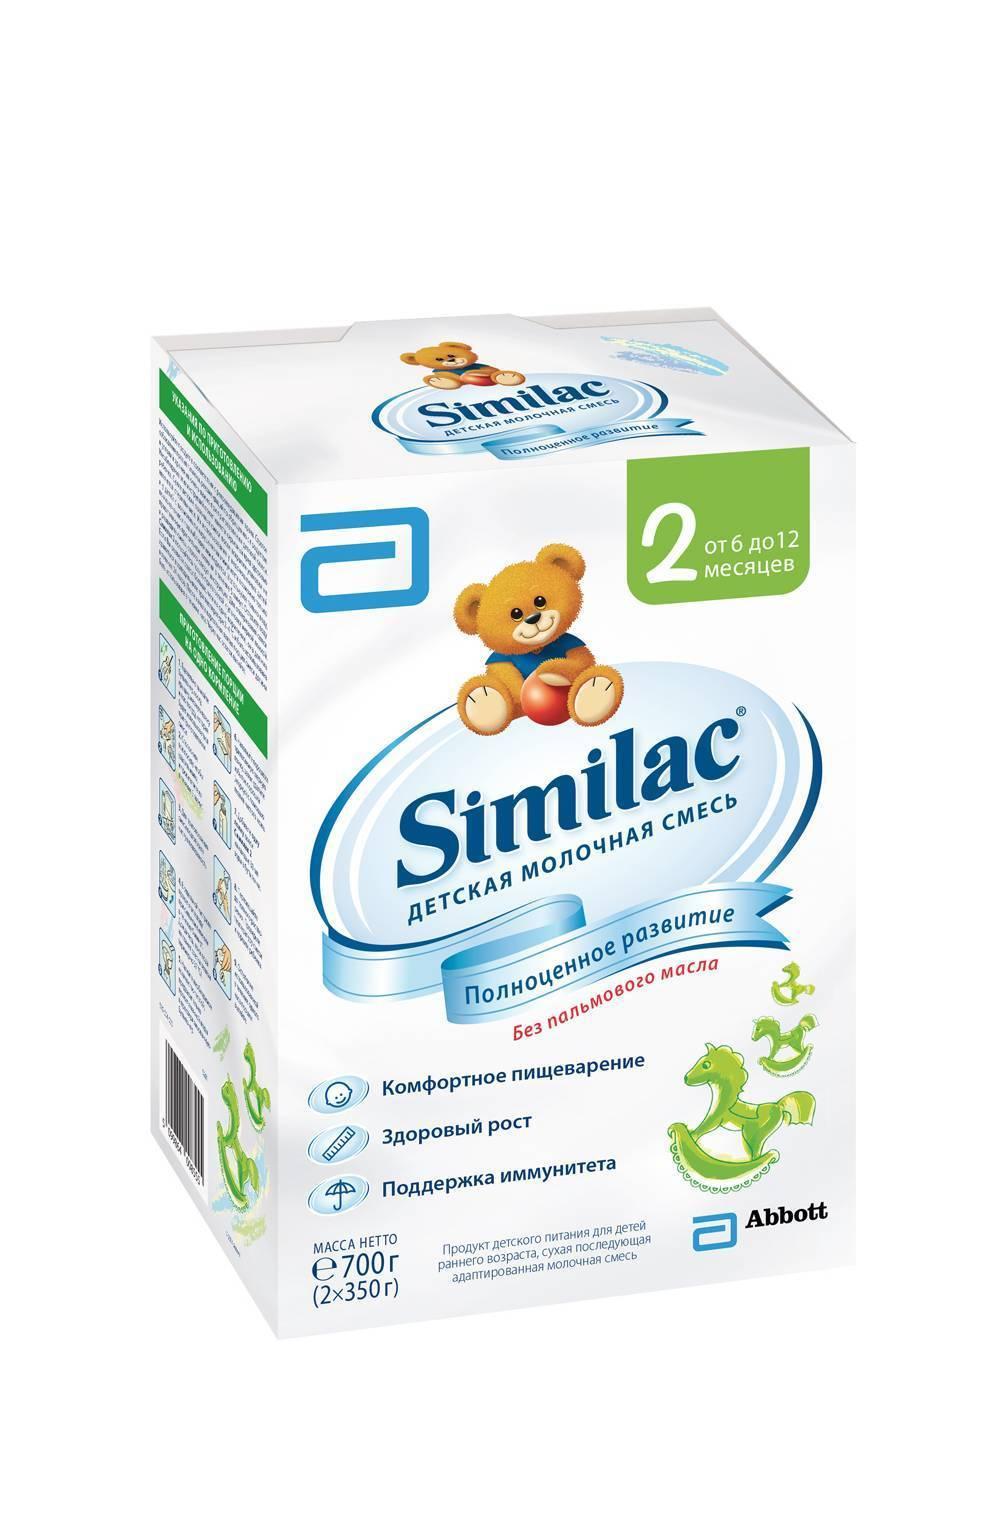 Обзор лучших молочных и кисломолочных гипоаллергенных смесей без пальмового масла для новорожденных; адаптированное питание для ребенка симилак, бибиколь, малютка